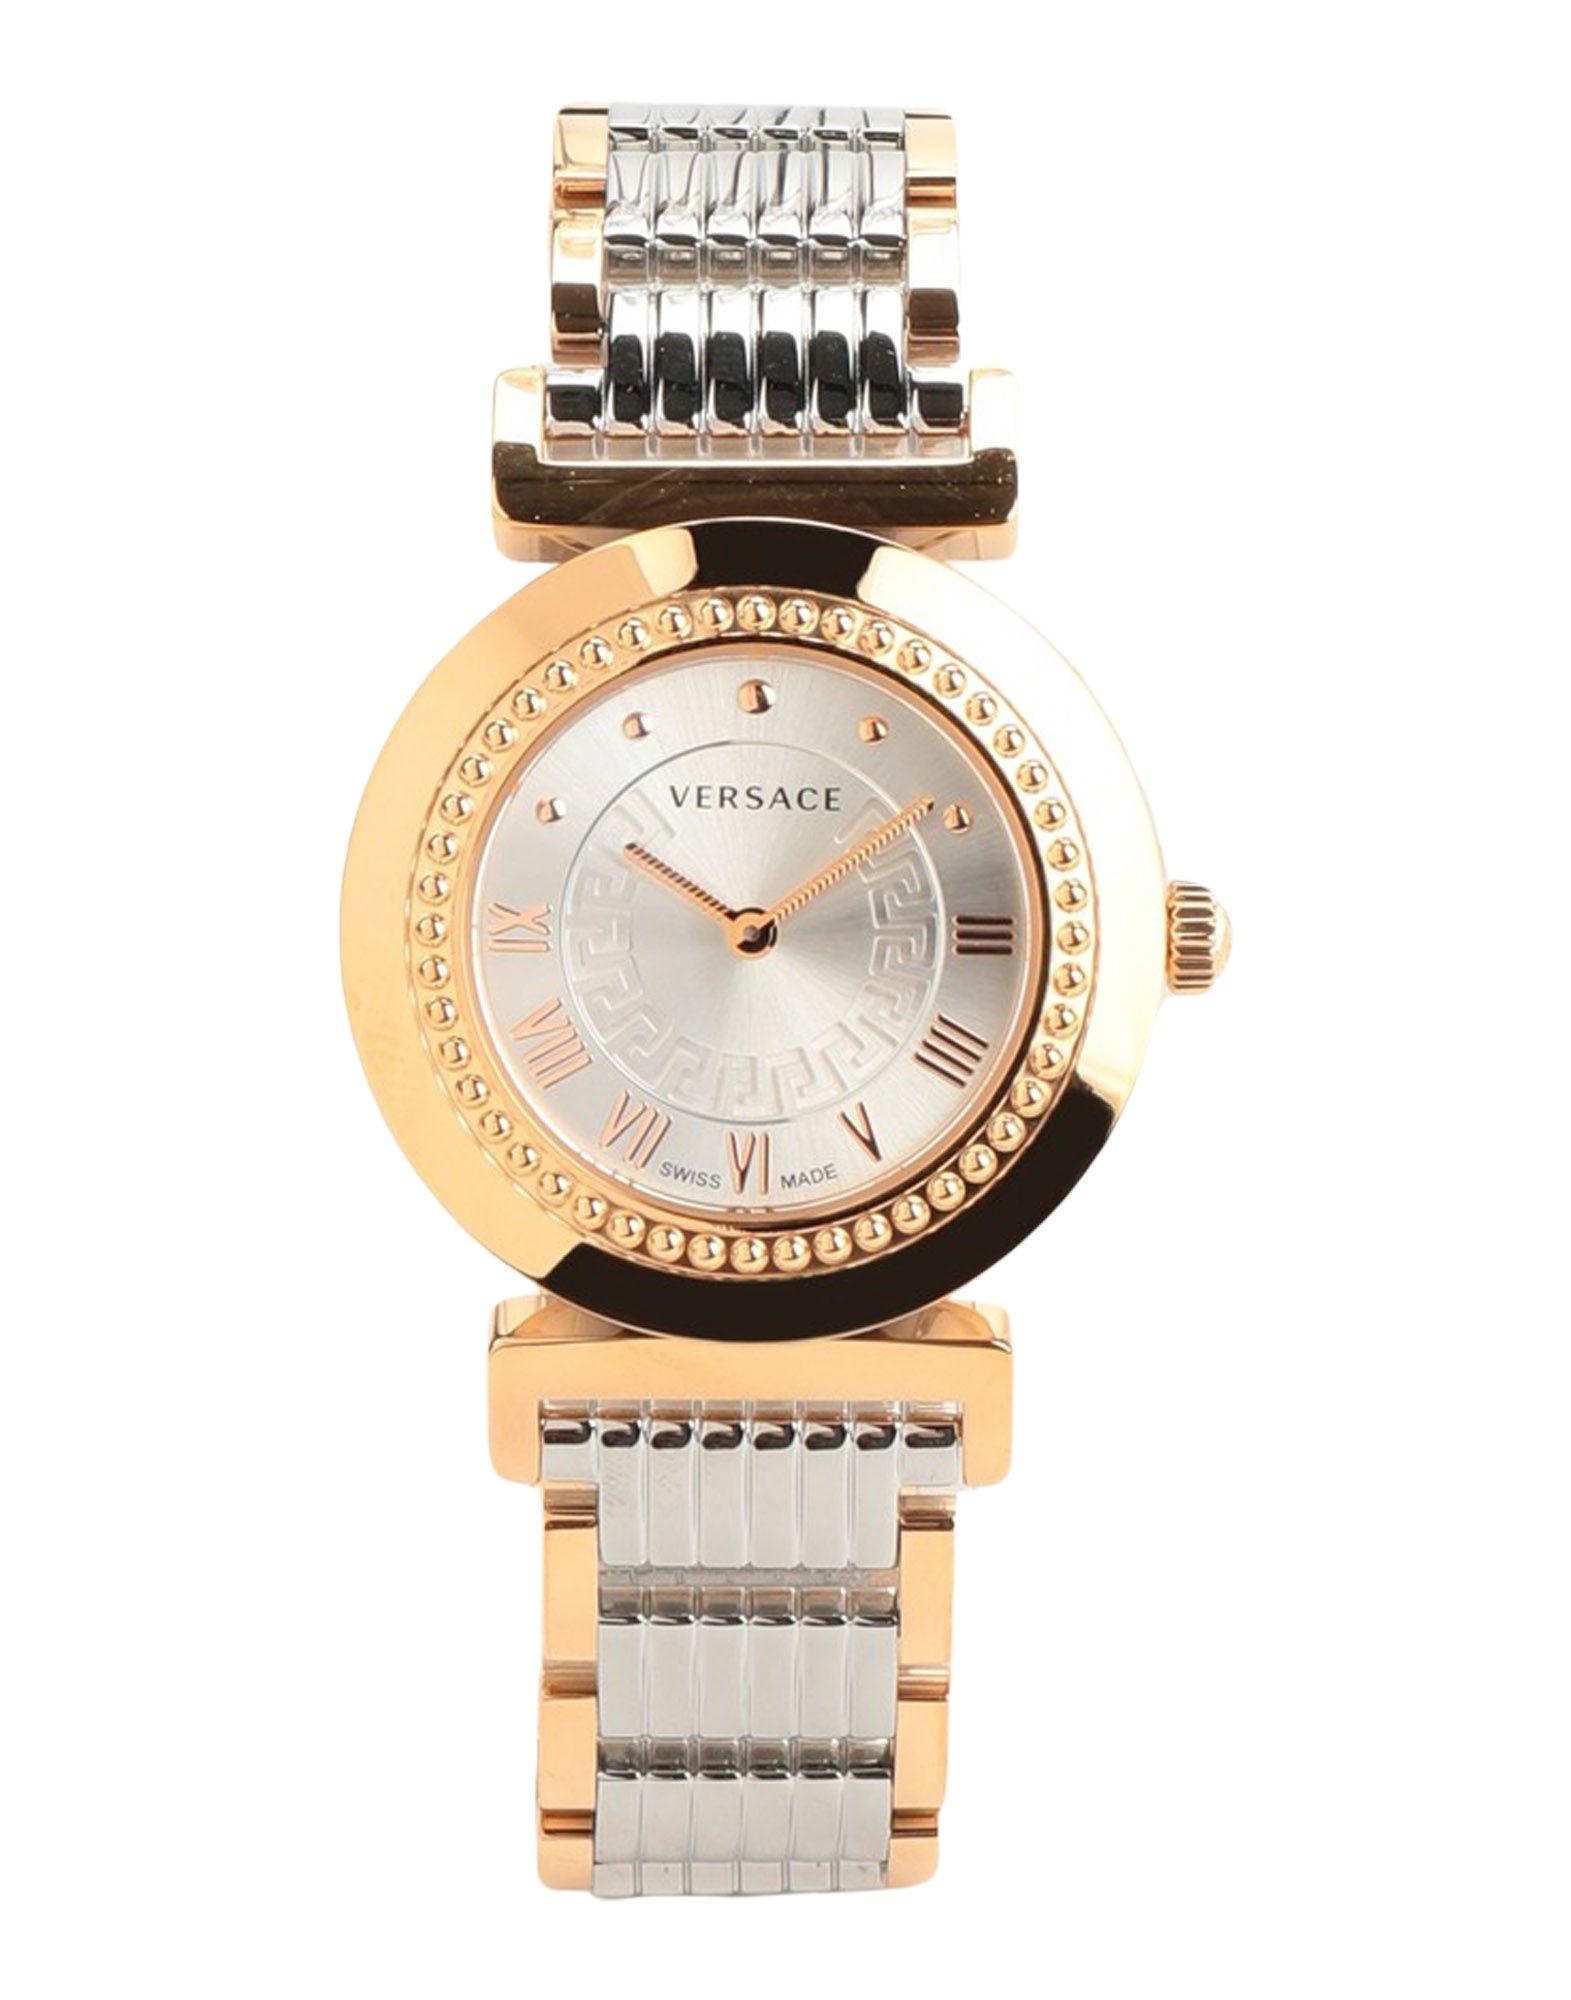 VERSACE Наручные часы часы женщины роскошные часы золото стальные женские платья наручные часы relogio feminino